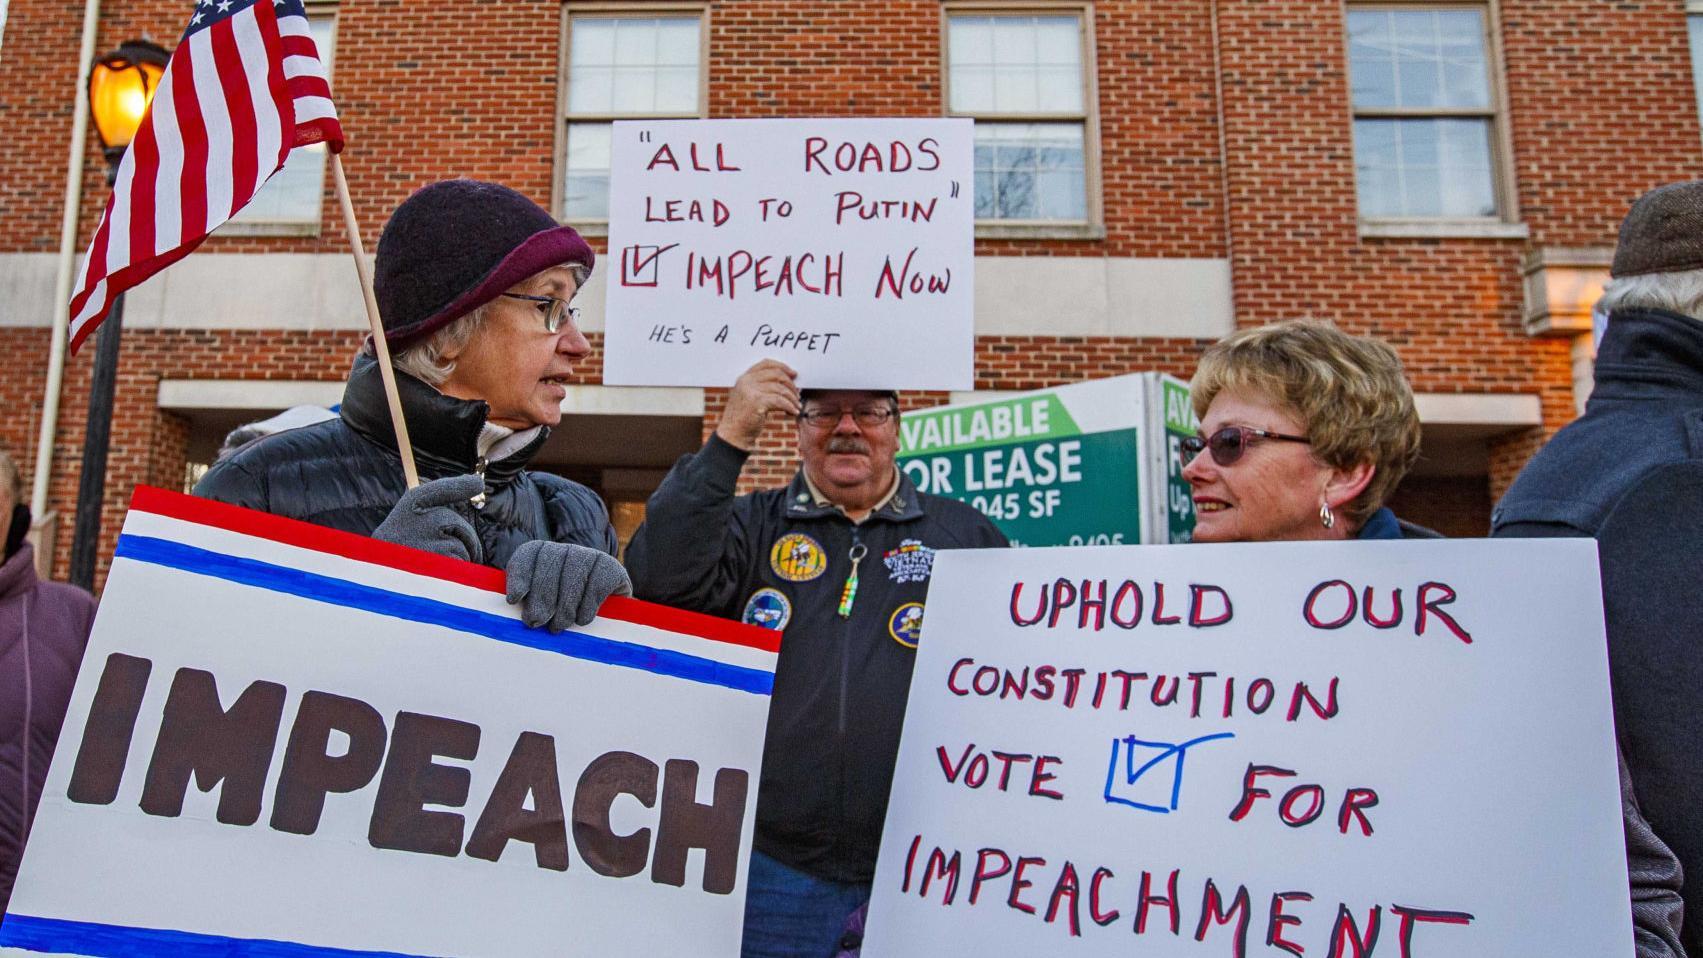 Democrats protest to persuade Van Drew to change impeachment vote ...